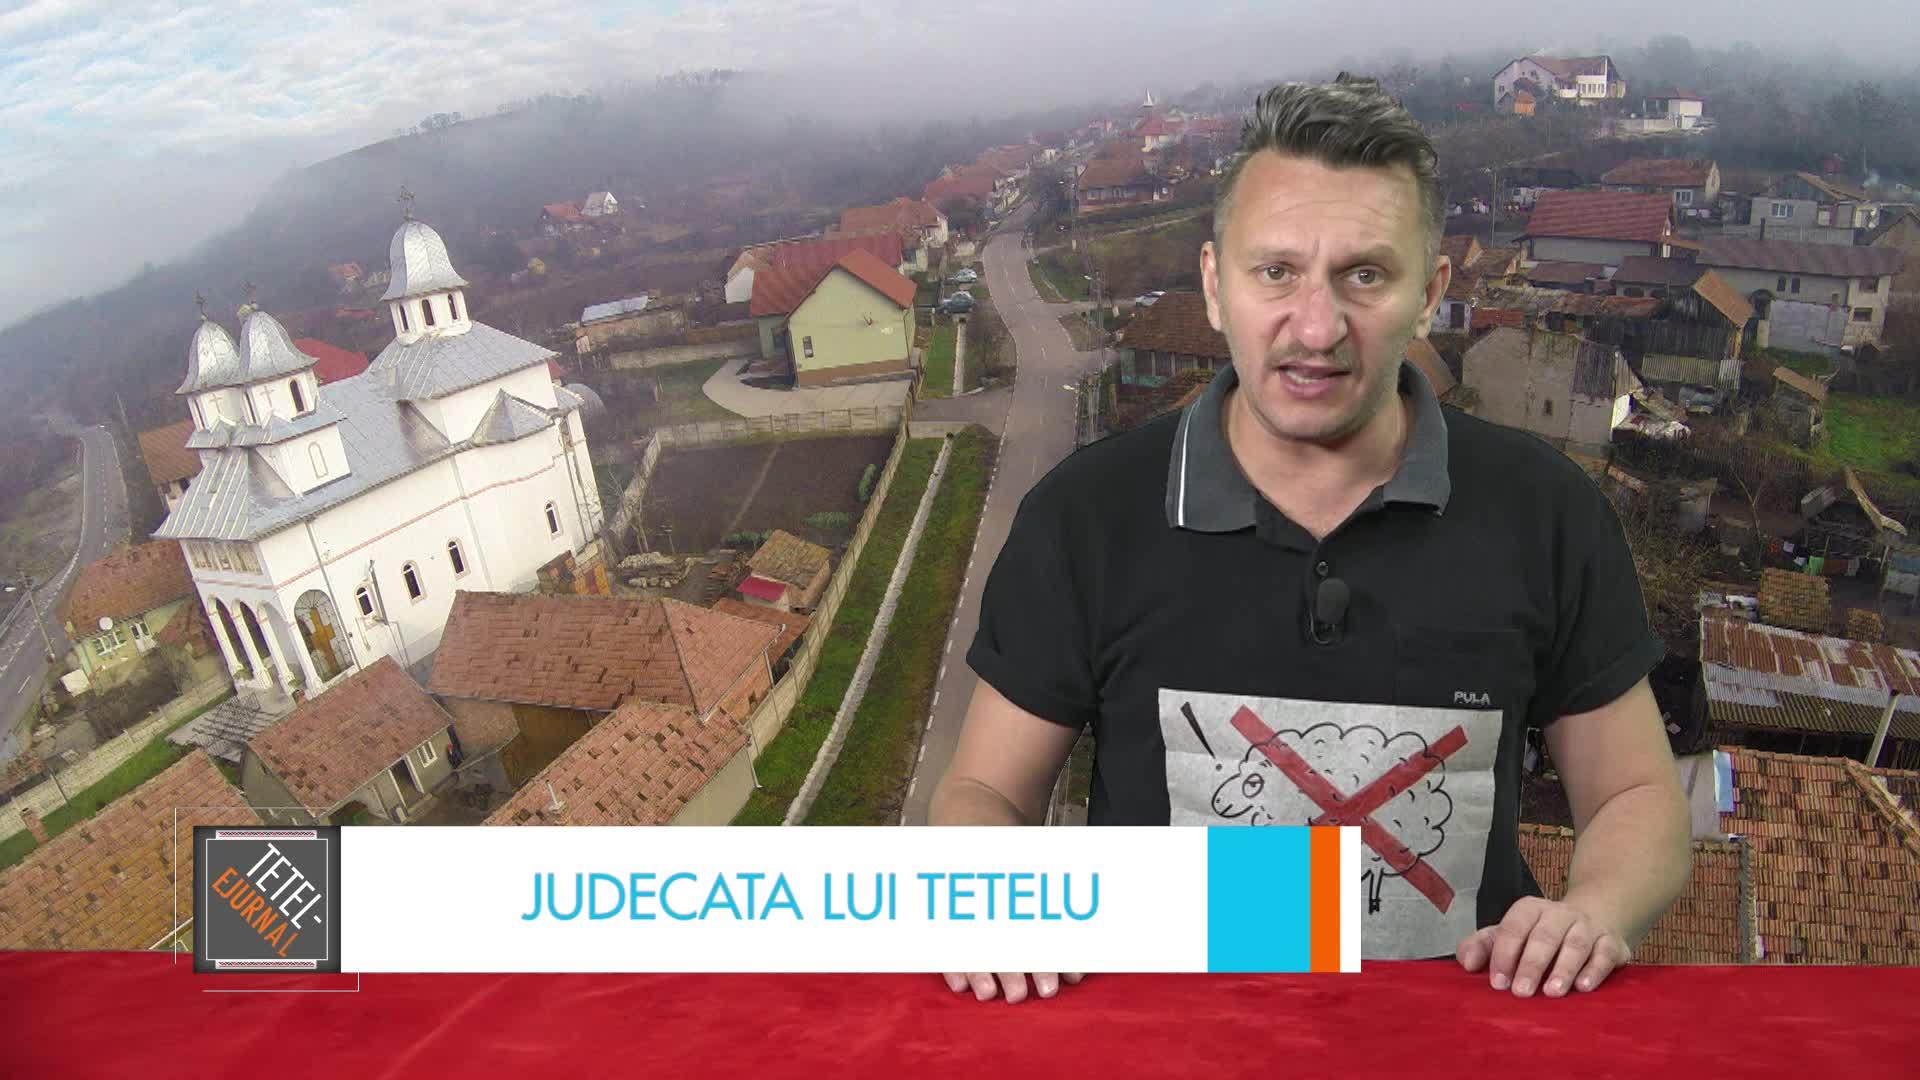 Judecata lui Tetelu: Mica Elveţie din România